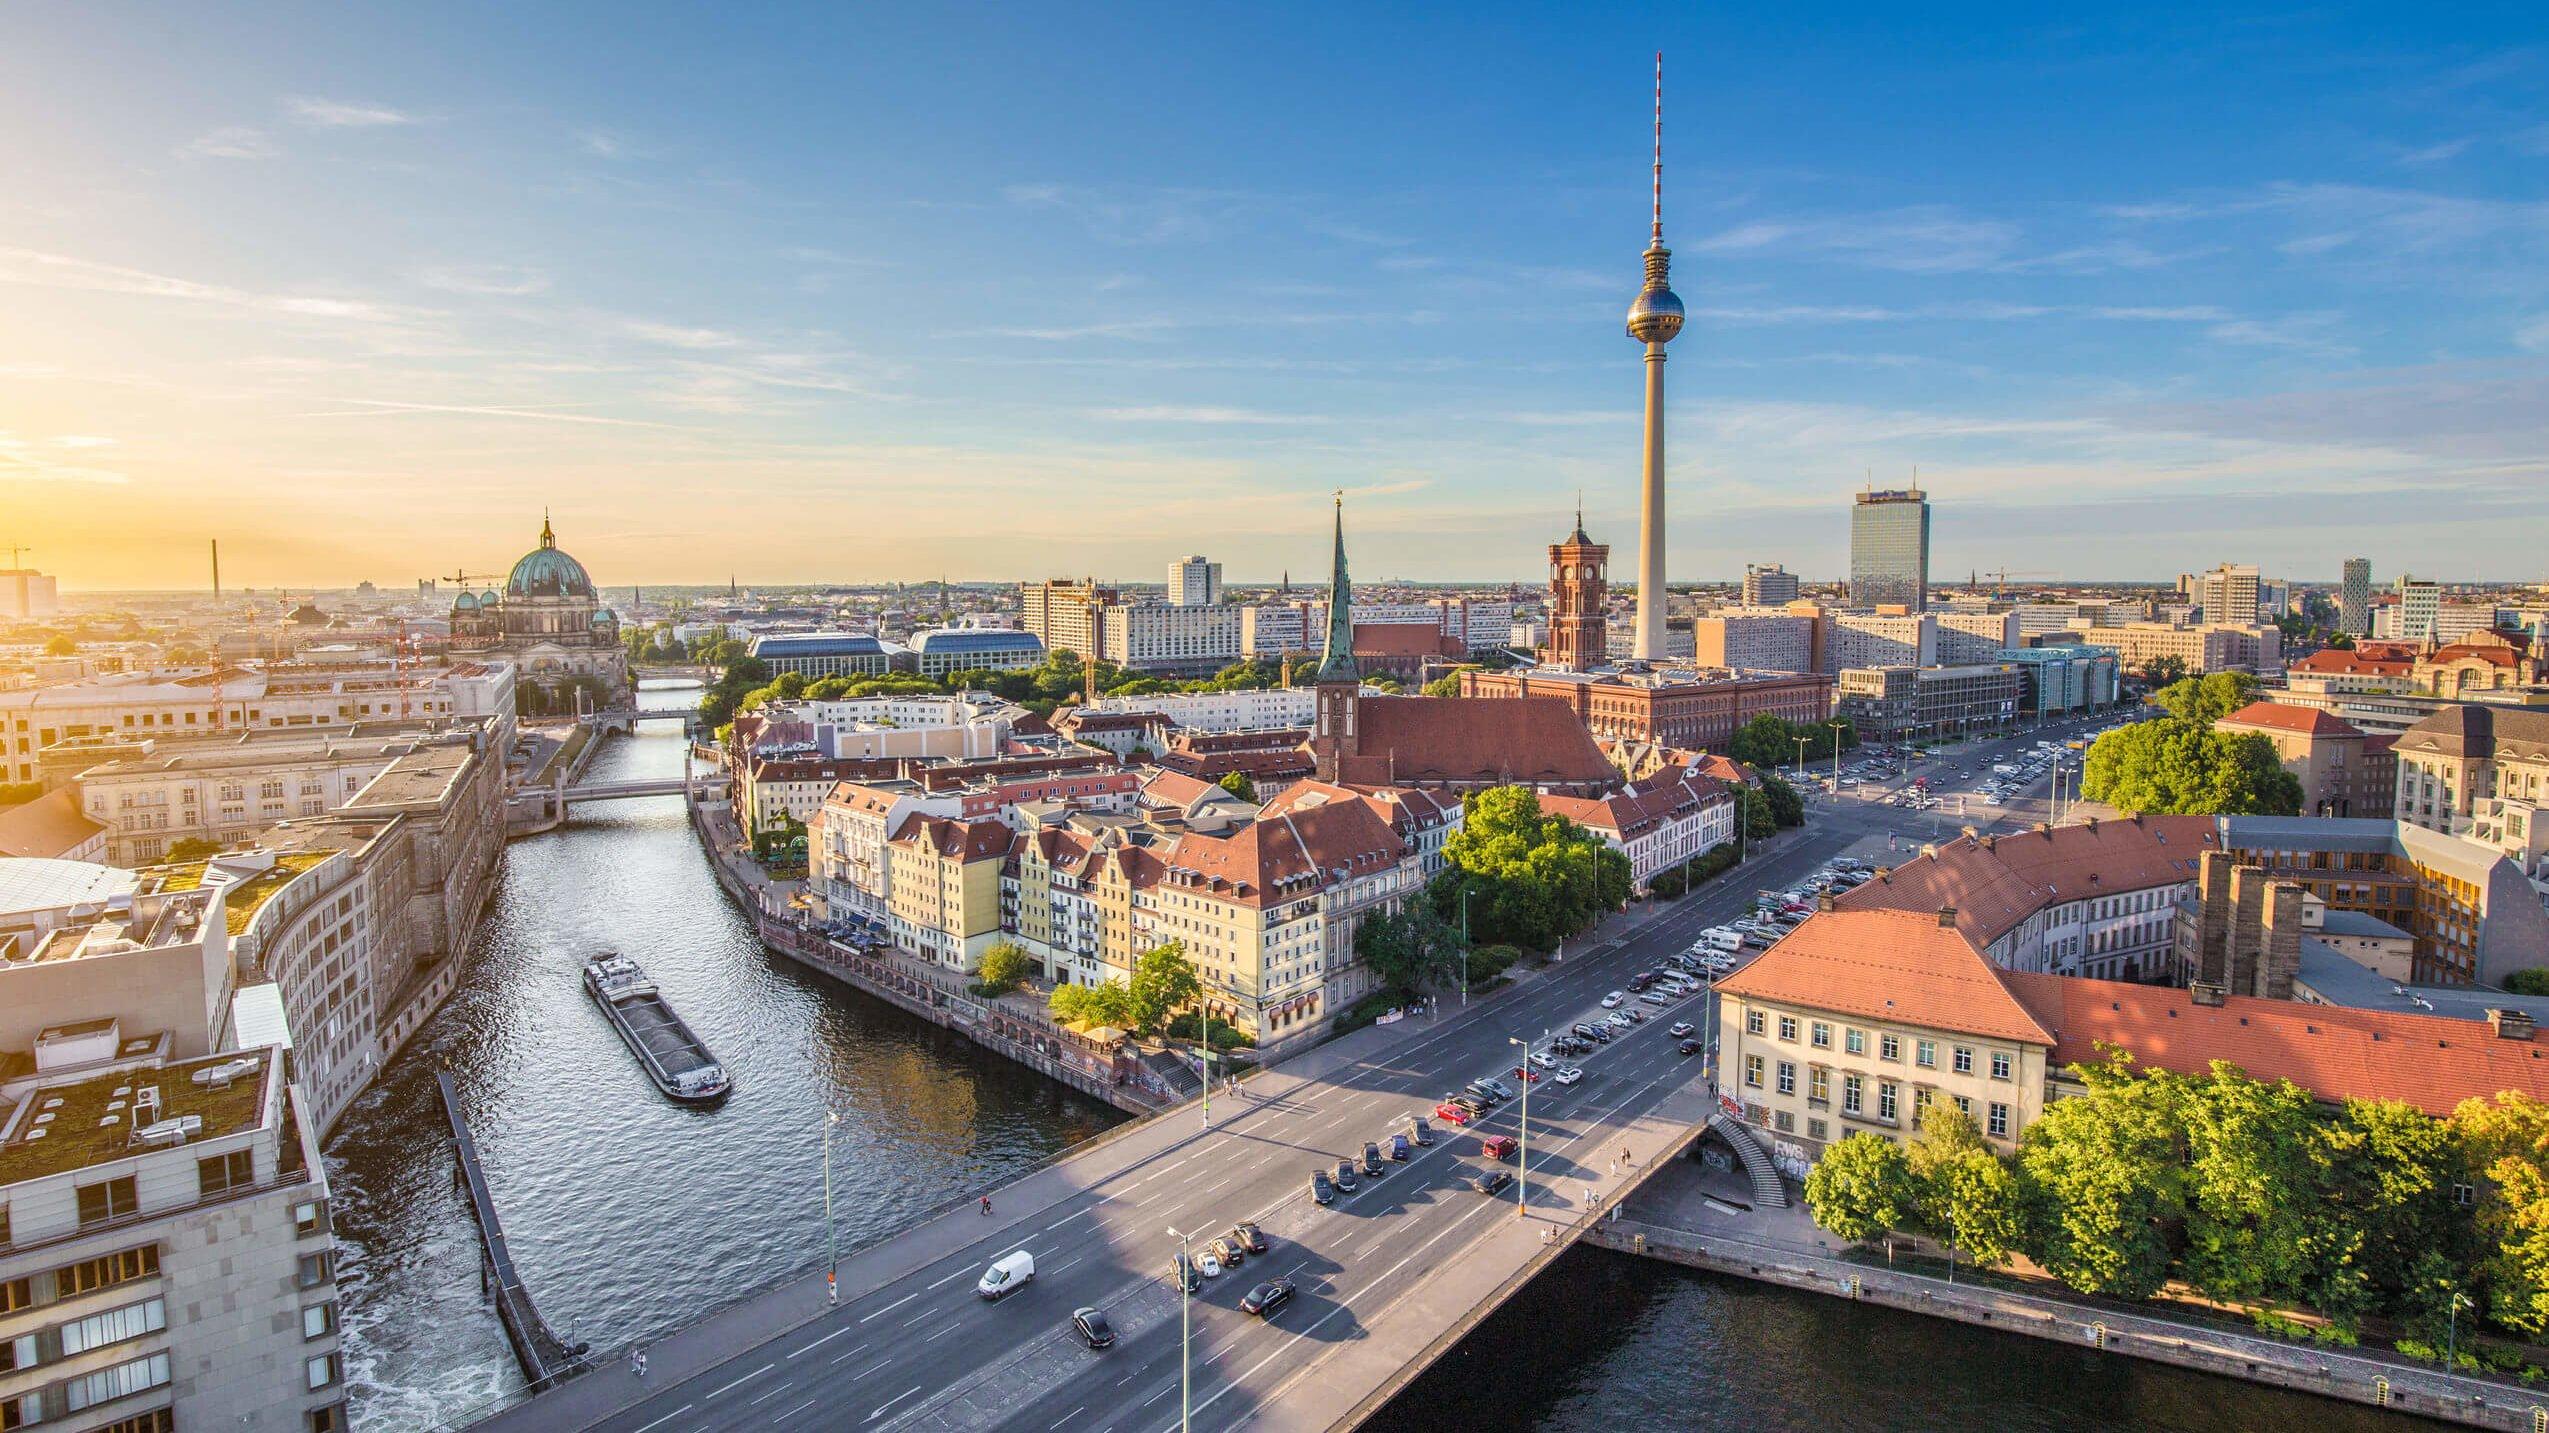 Wonen en werken in Berlijn als digital nomad